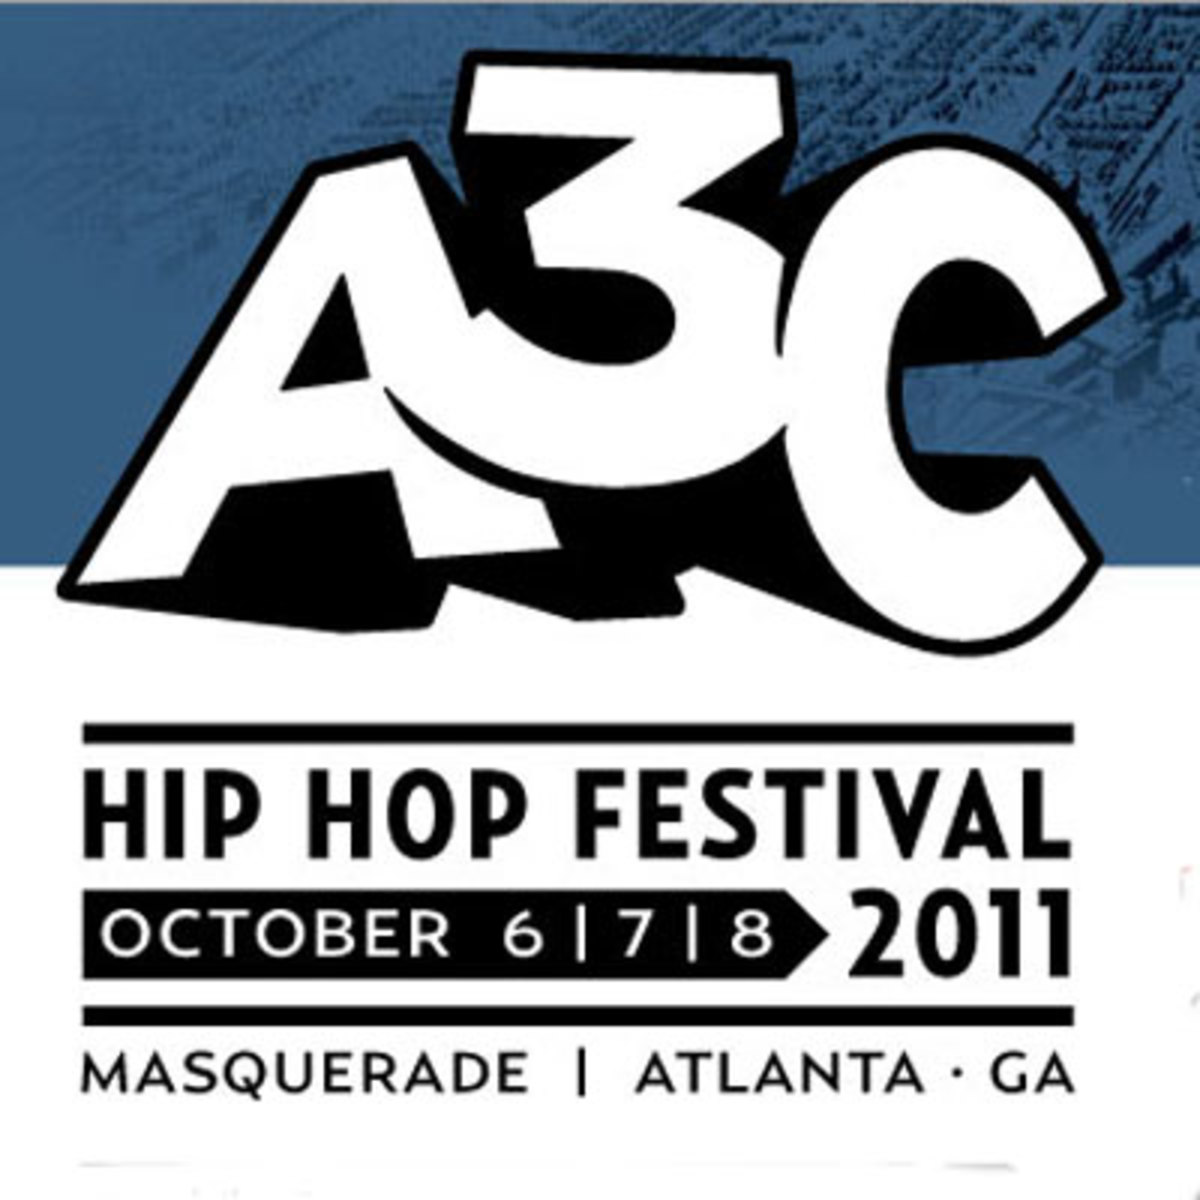 a3c-logo.jpg